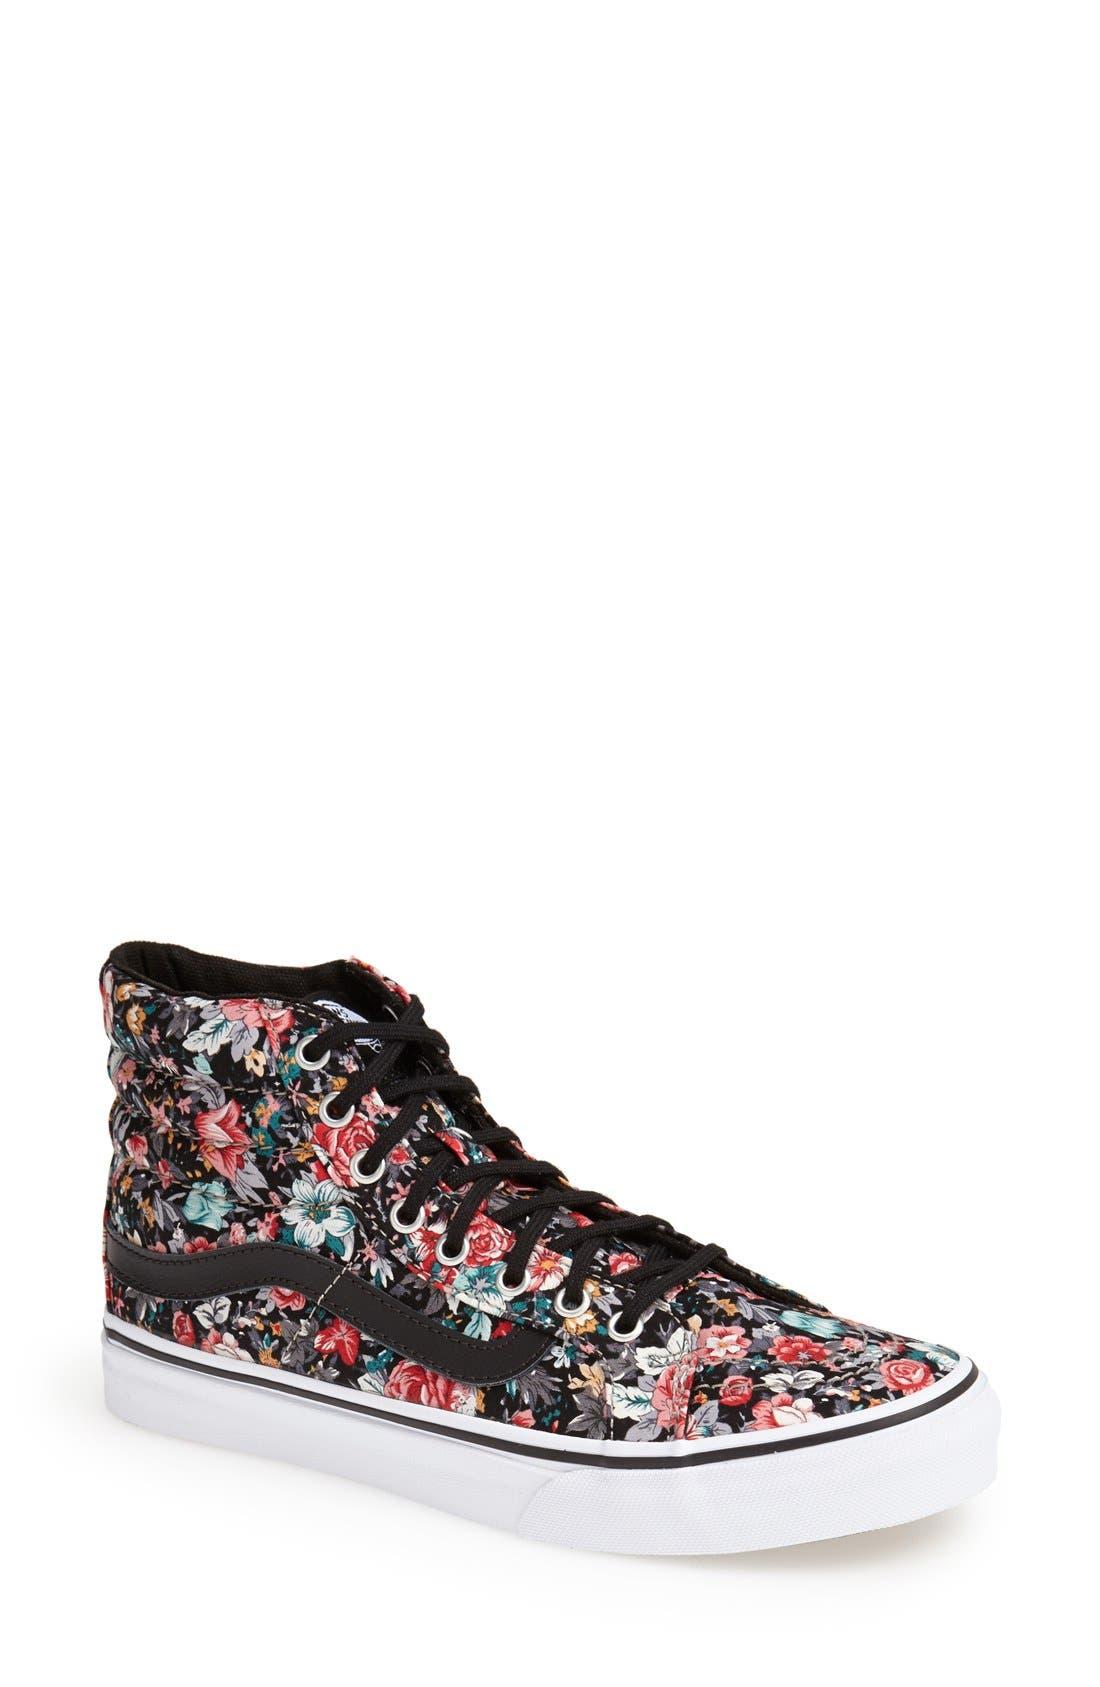 Main Image - Vans 'Sk8-Hi - Slim' Sneaker (Women)